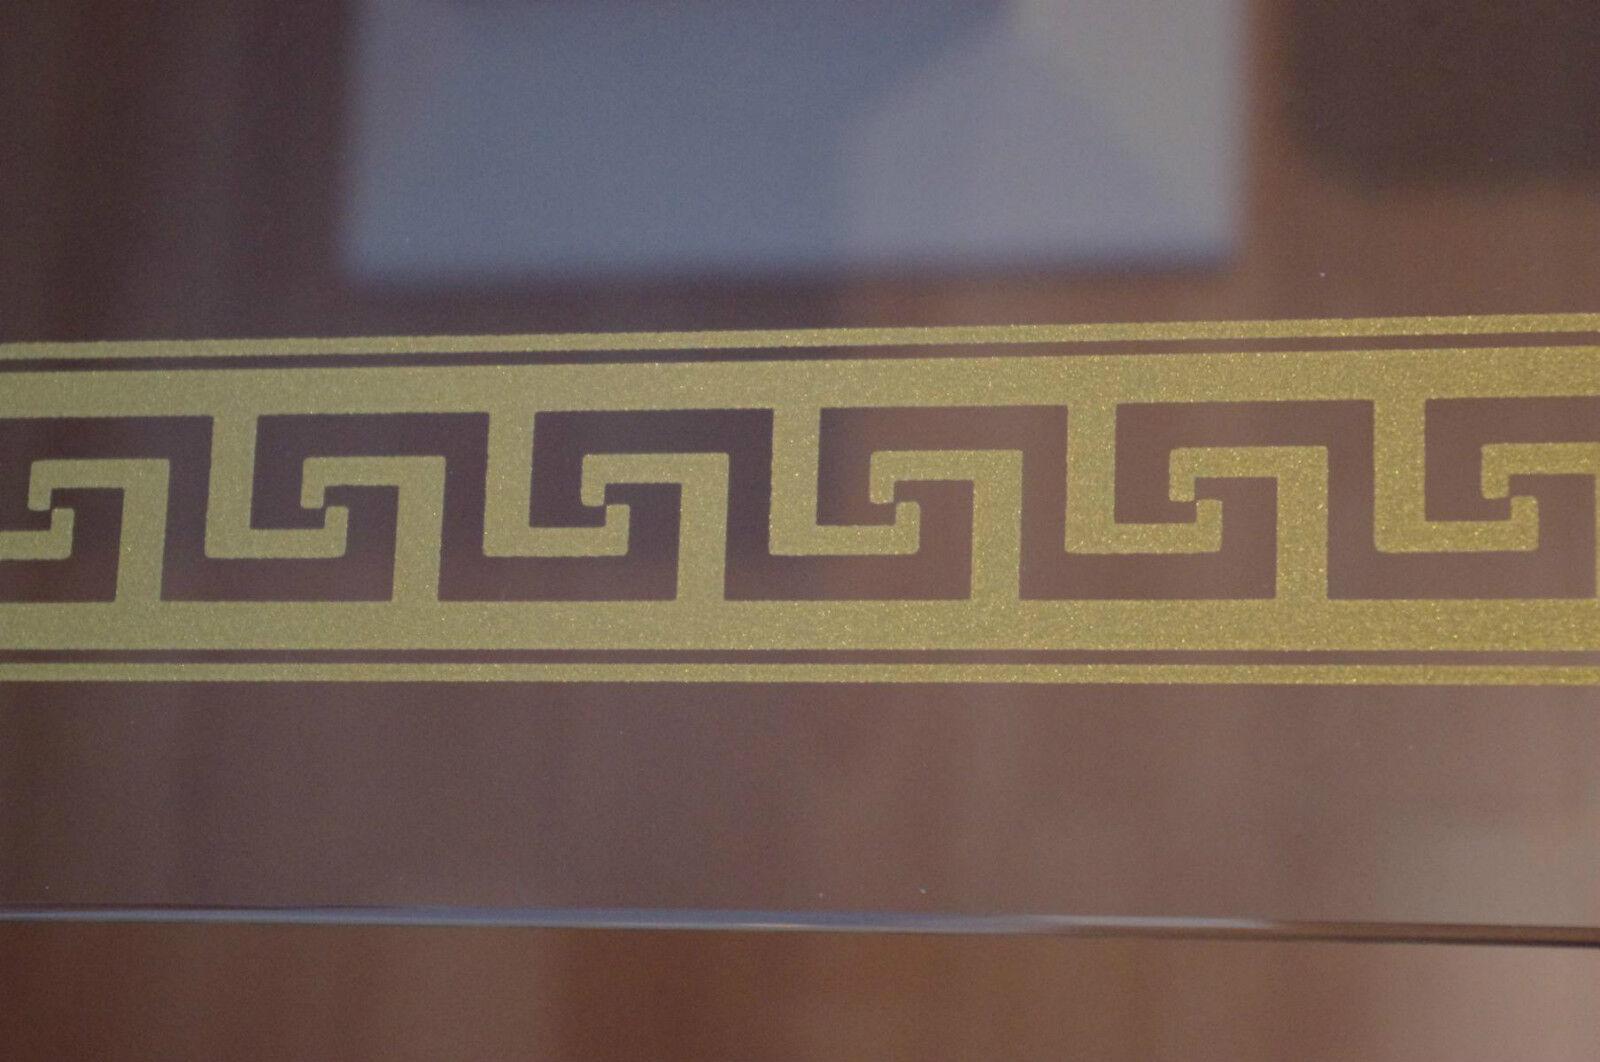 Esstisch esstische stein tafeltisch italienische for Italienische esstische